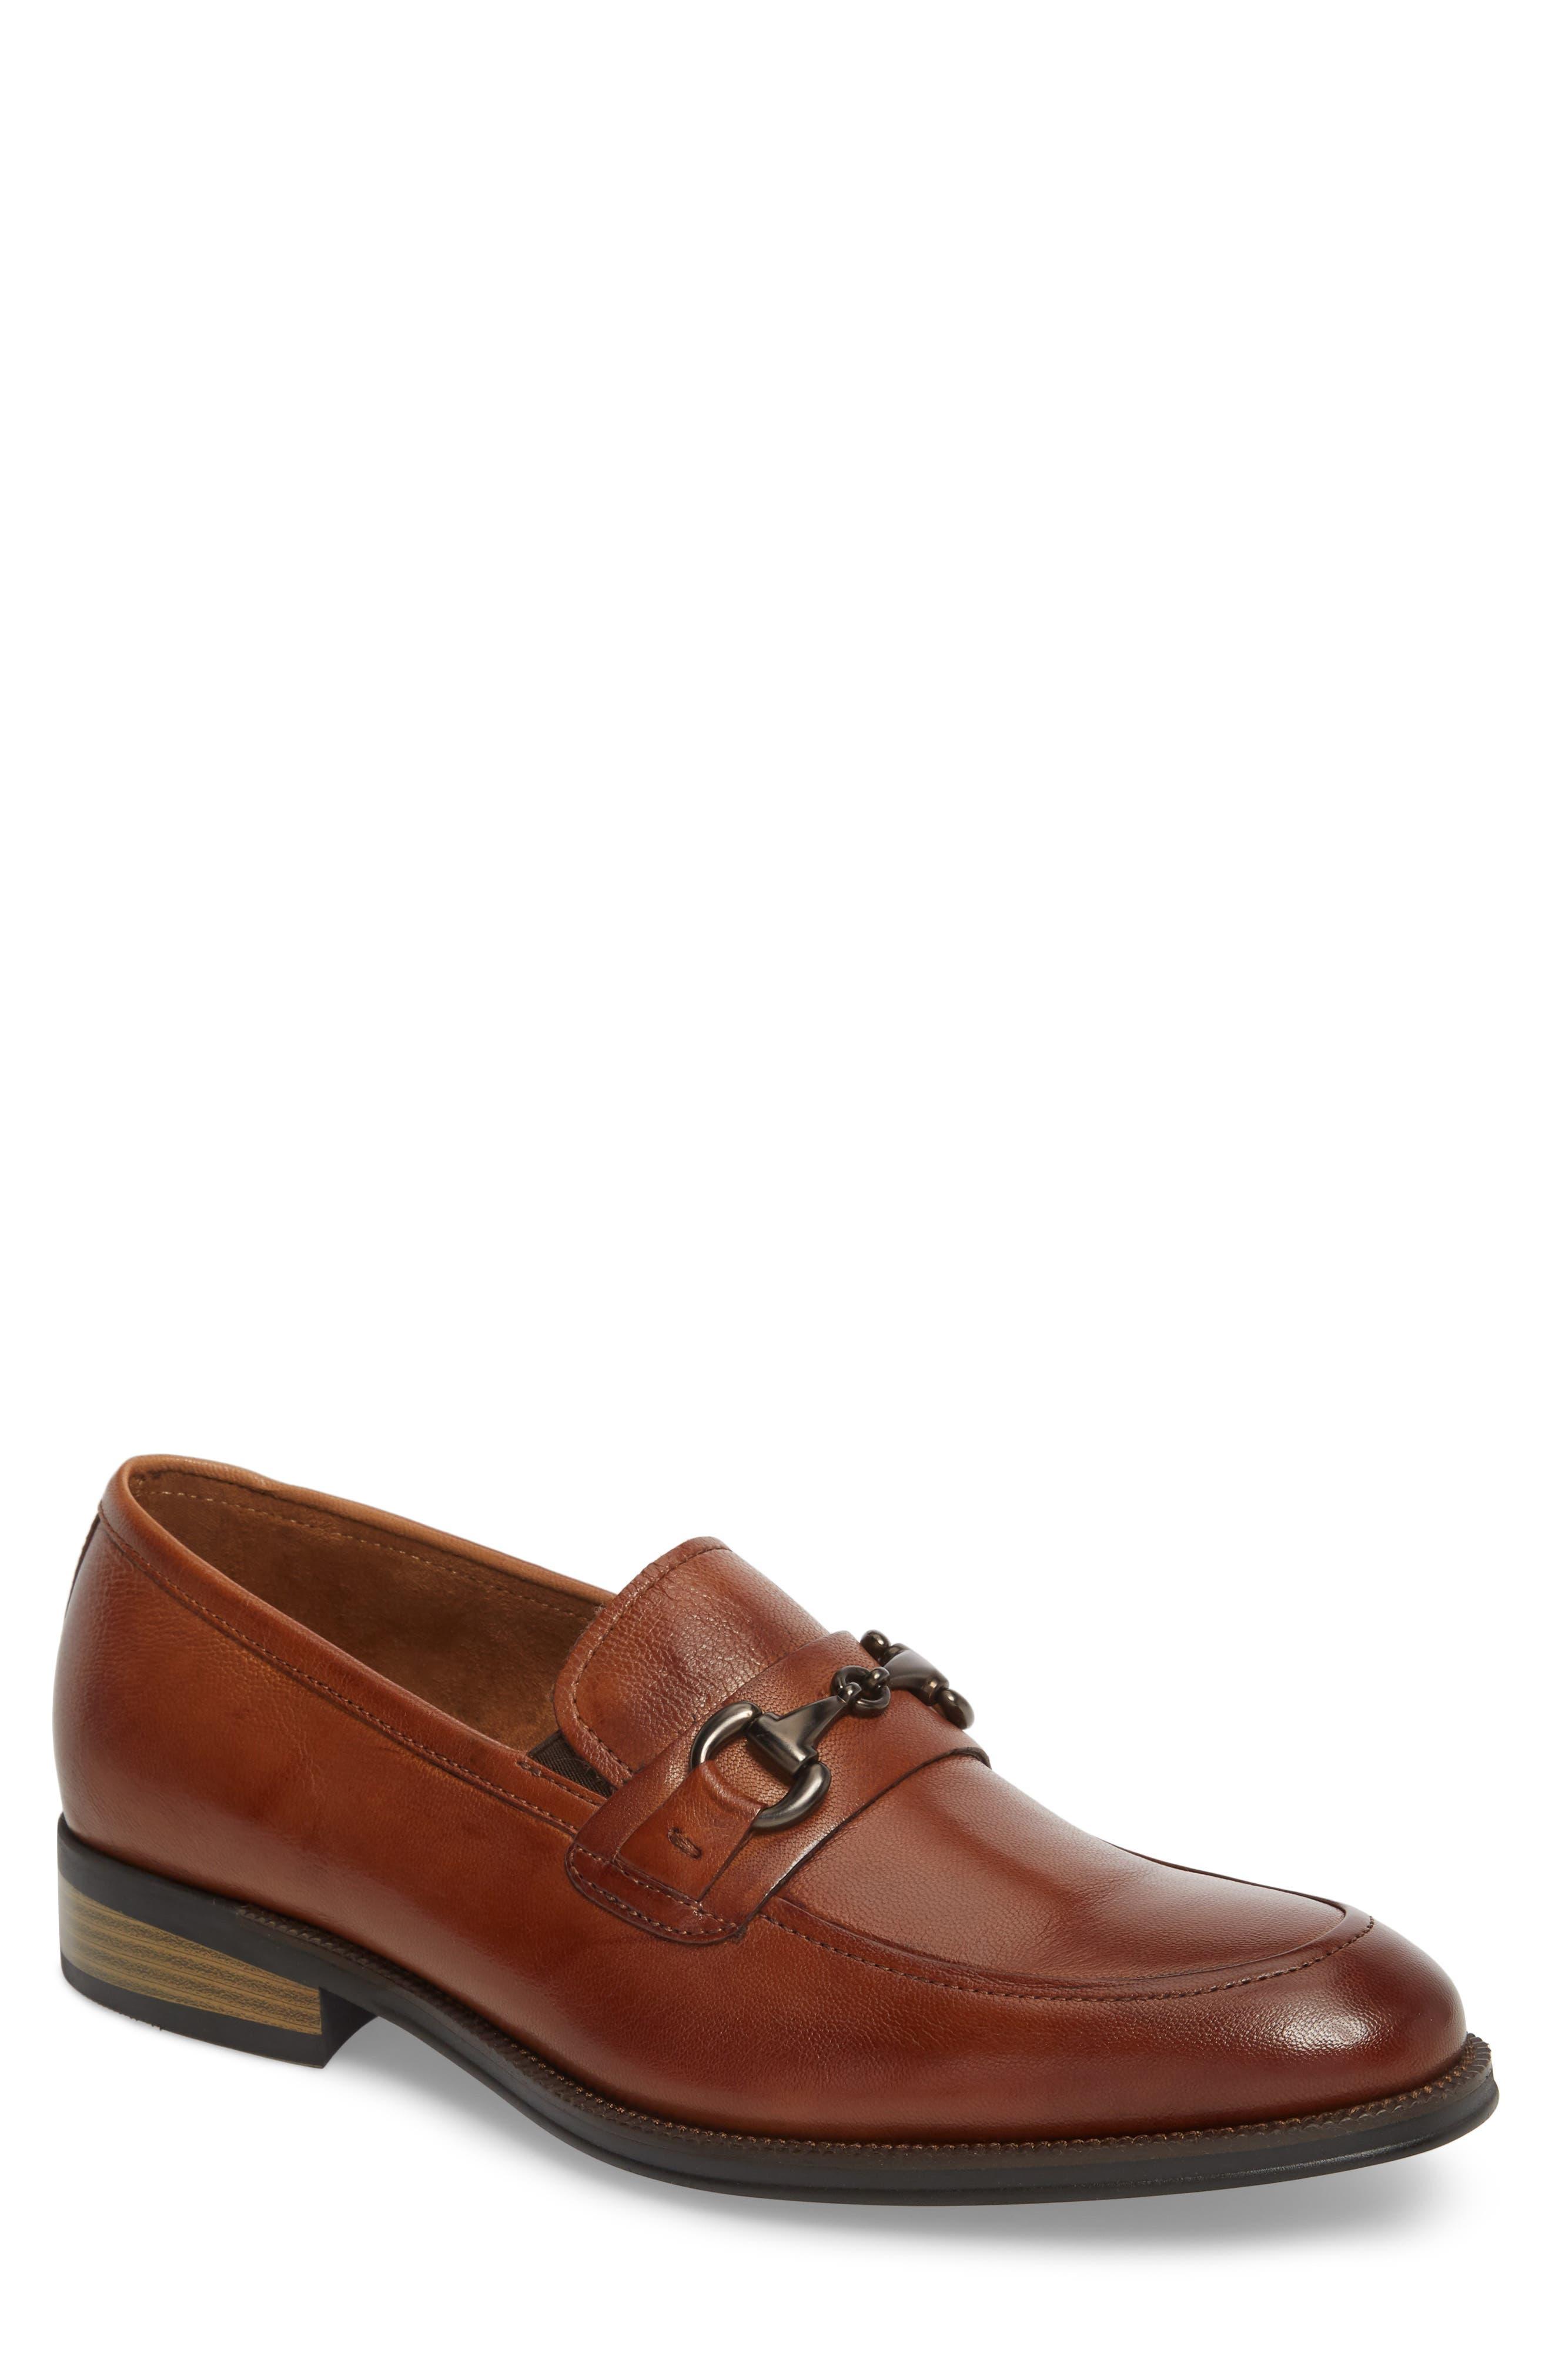 Brock Bit Loafer,                             Main thumbnail 1, color,                             Cognac Leather